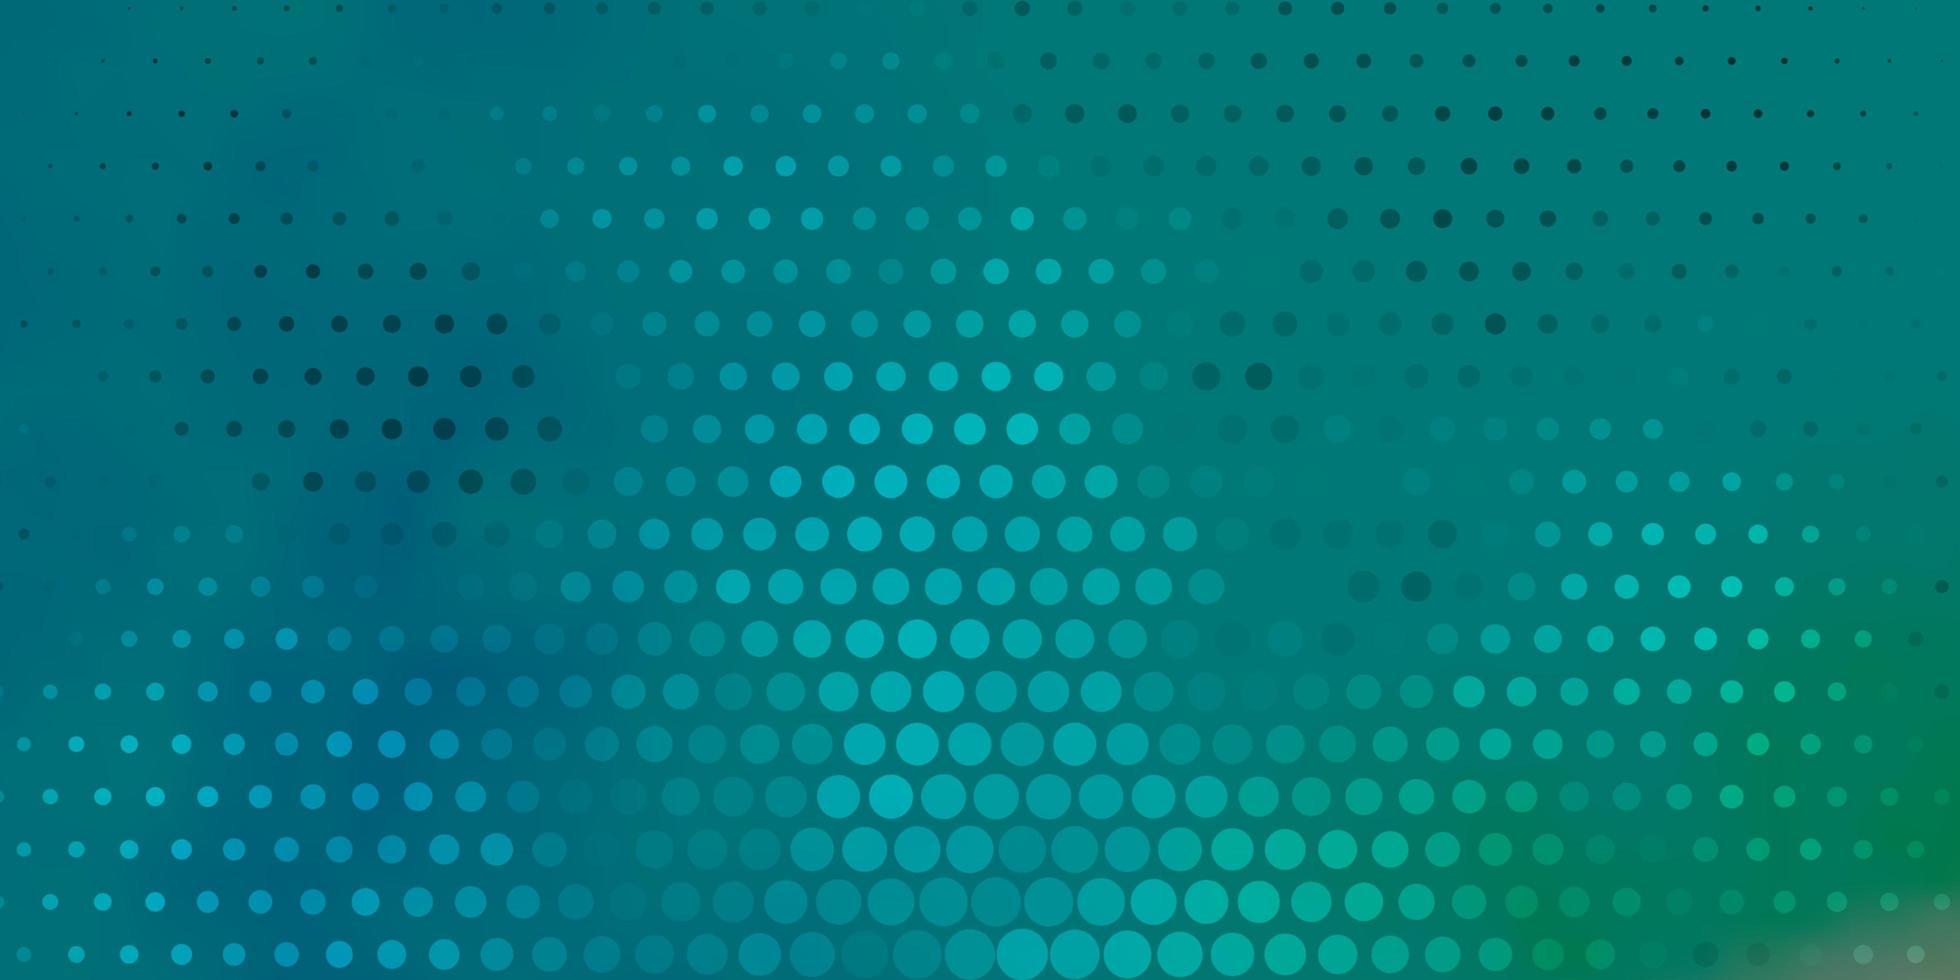 lichtblauwe, groene vectortextuur met schijven. vector